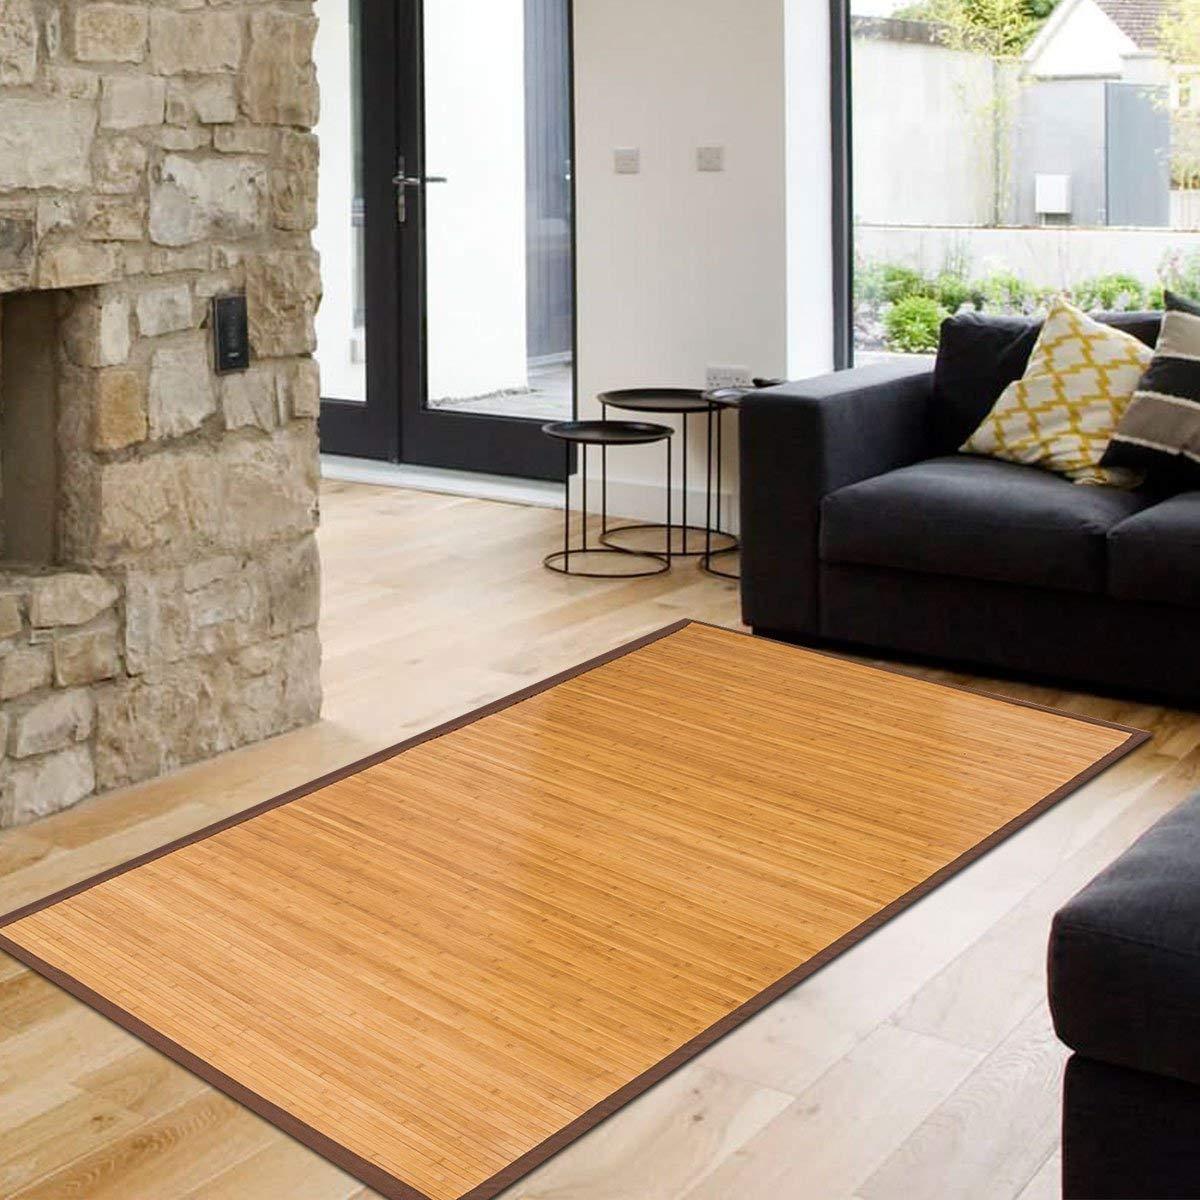 5' X 8' Floor Carpet, Bamboo Area Rug Floor Carpet Natural Bamboo Non-Slip Roll Runner Indoor Outdoor for Bathroom, Kitchen, Garden